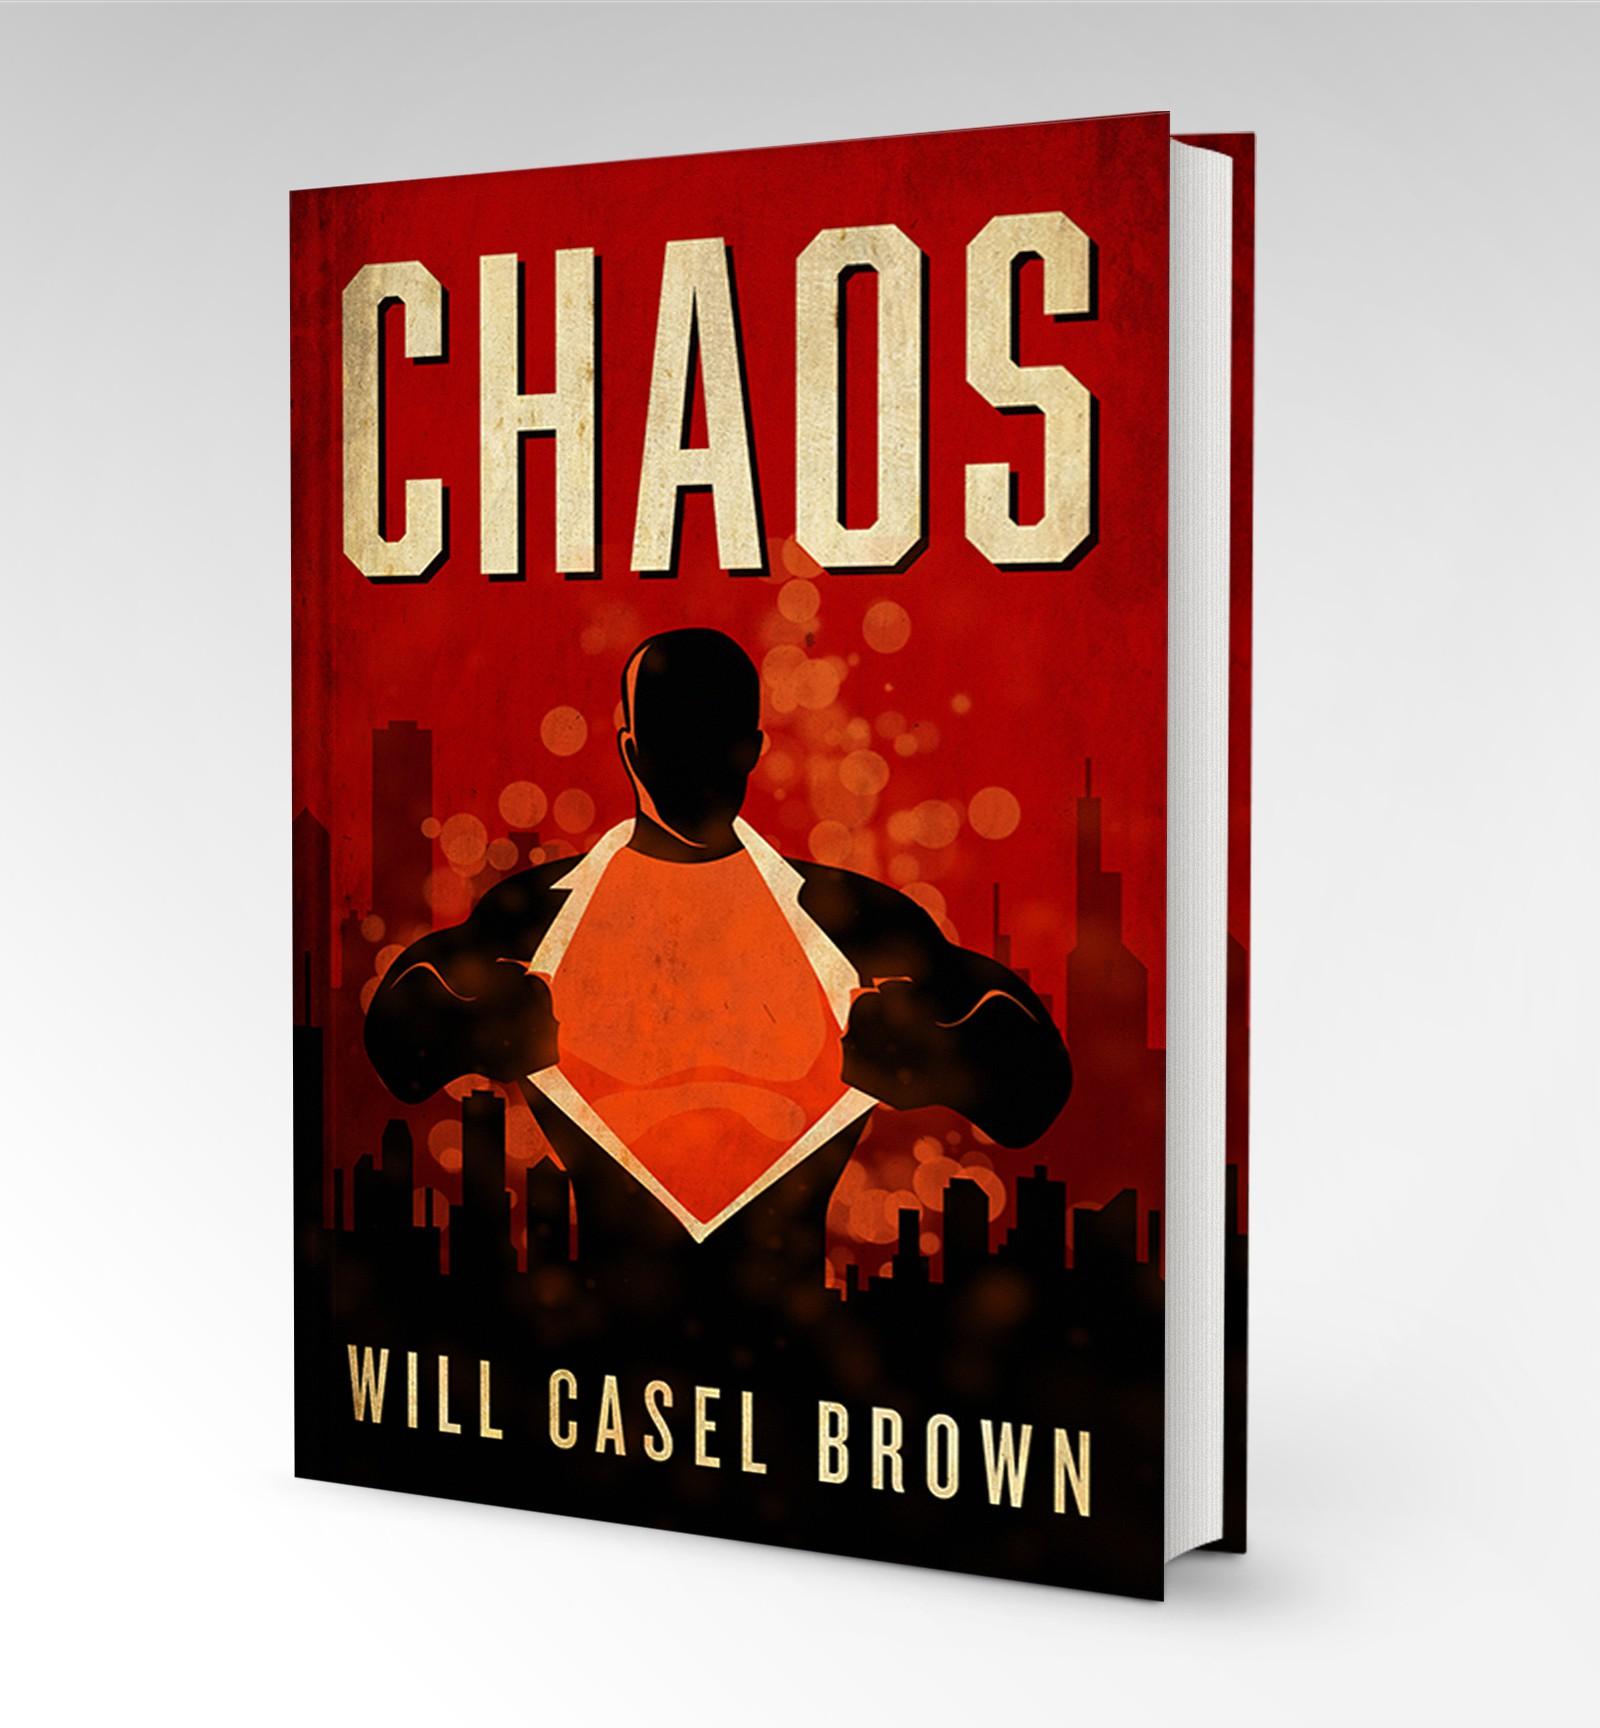 Super-villain eBook needs a powerful cover